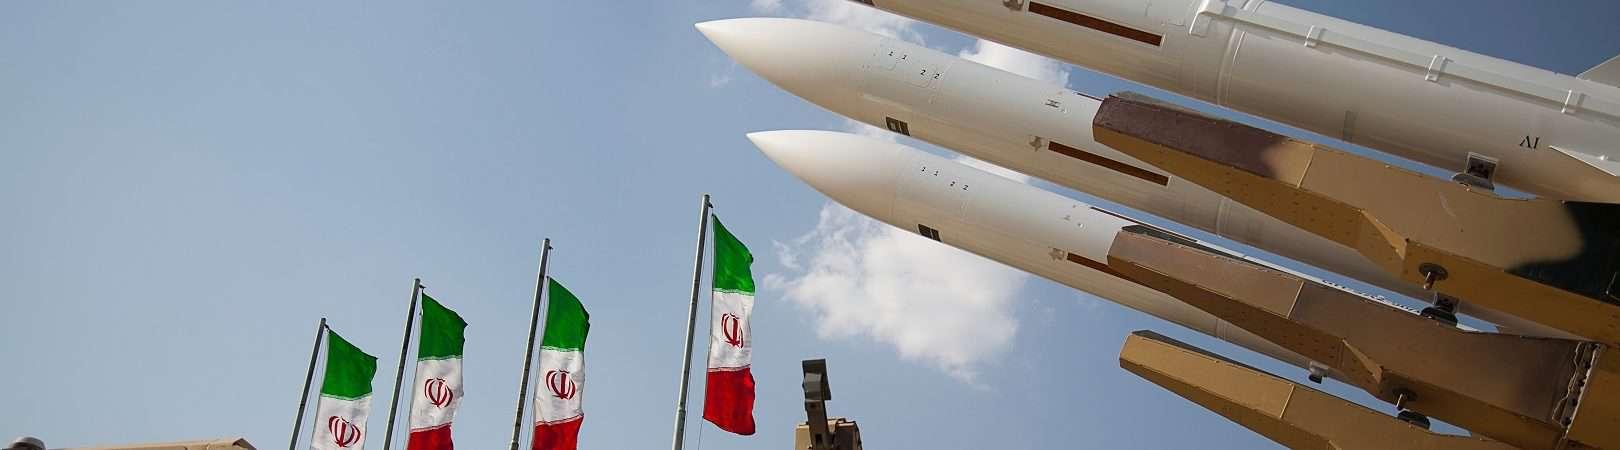 Mísseis Ofensivos das Forças Armadas da República Islâmica do Irã. Imagem: saeediex / Shutterstock